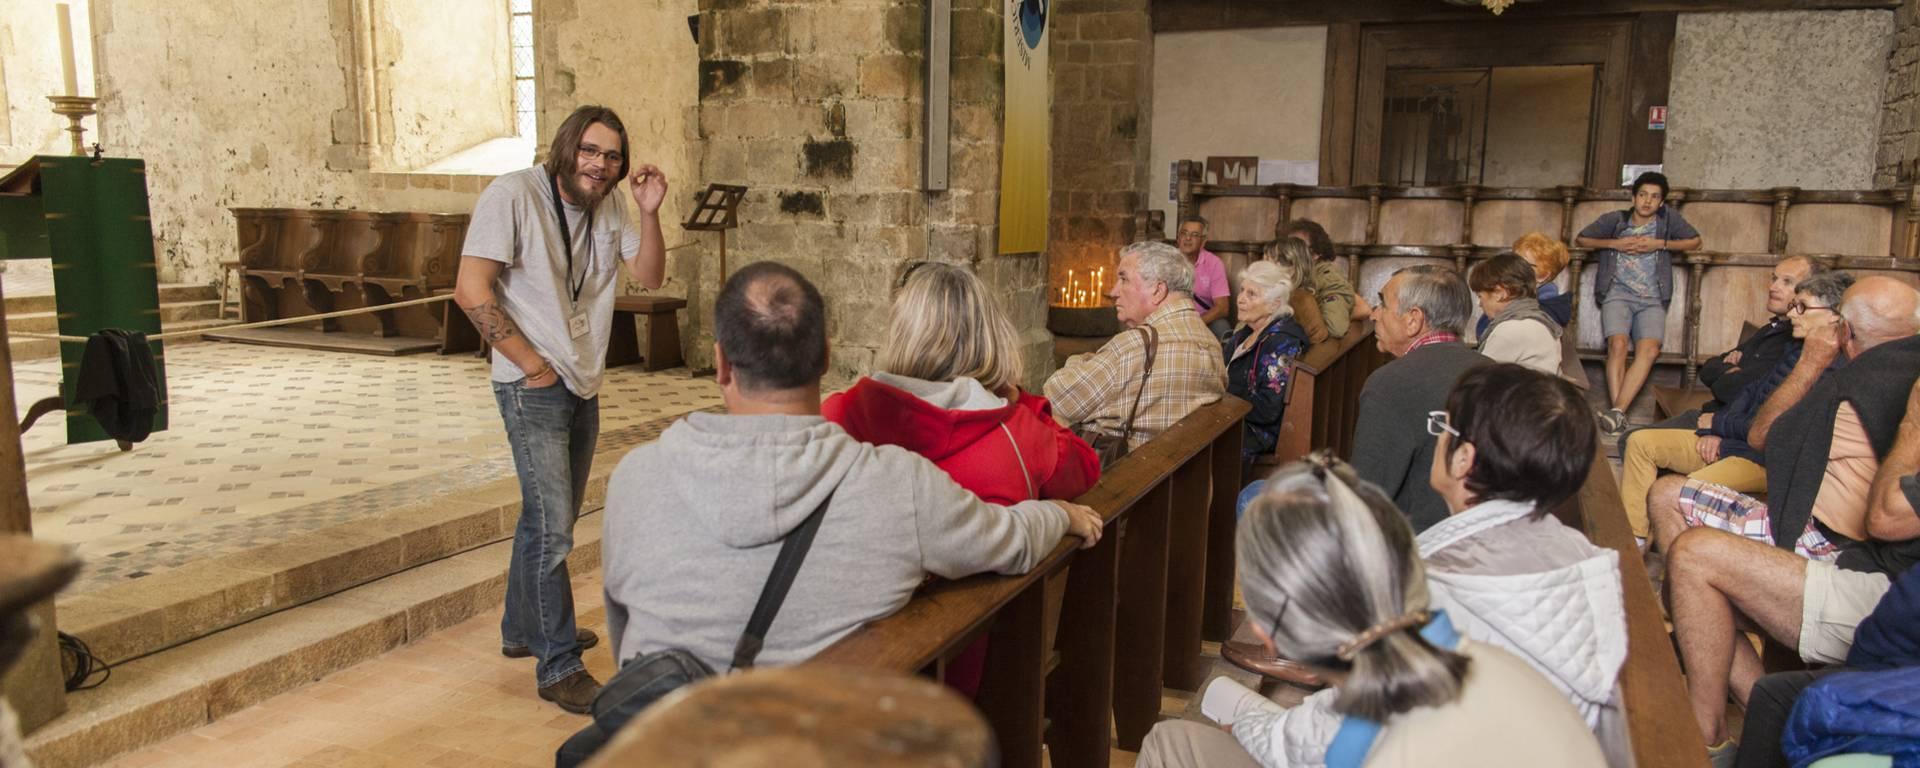 Visite guidée de l'Abbaye de la Lucerne